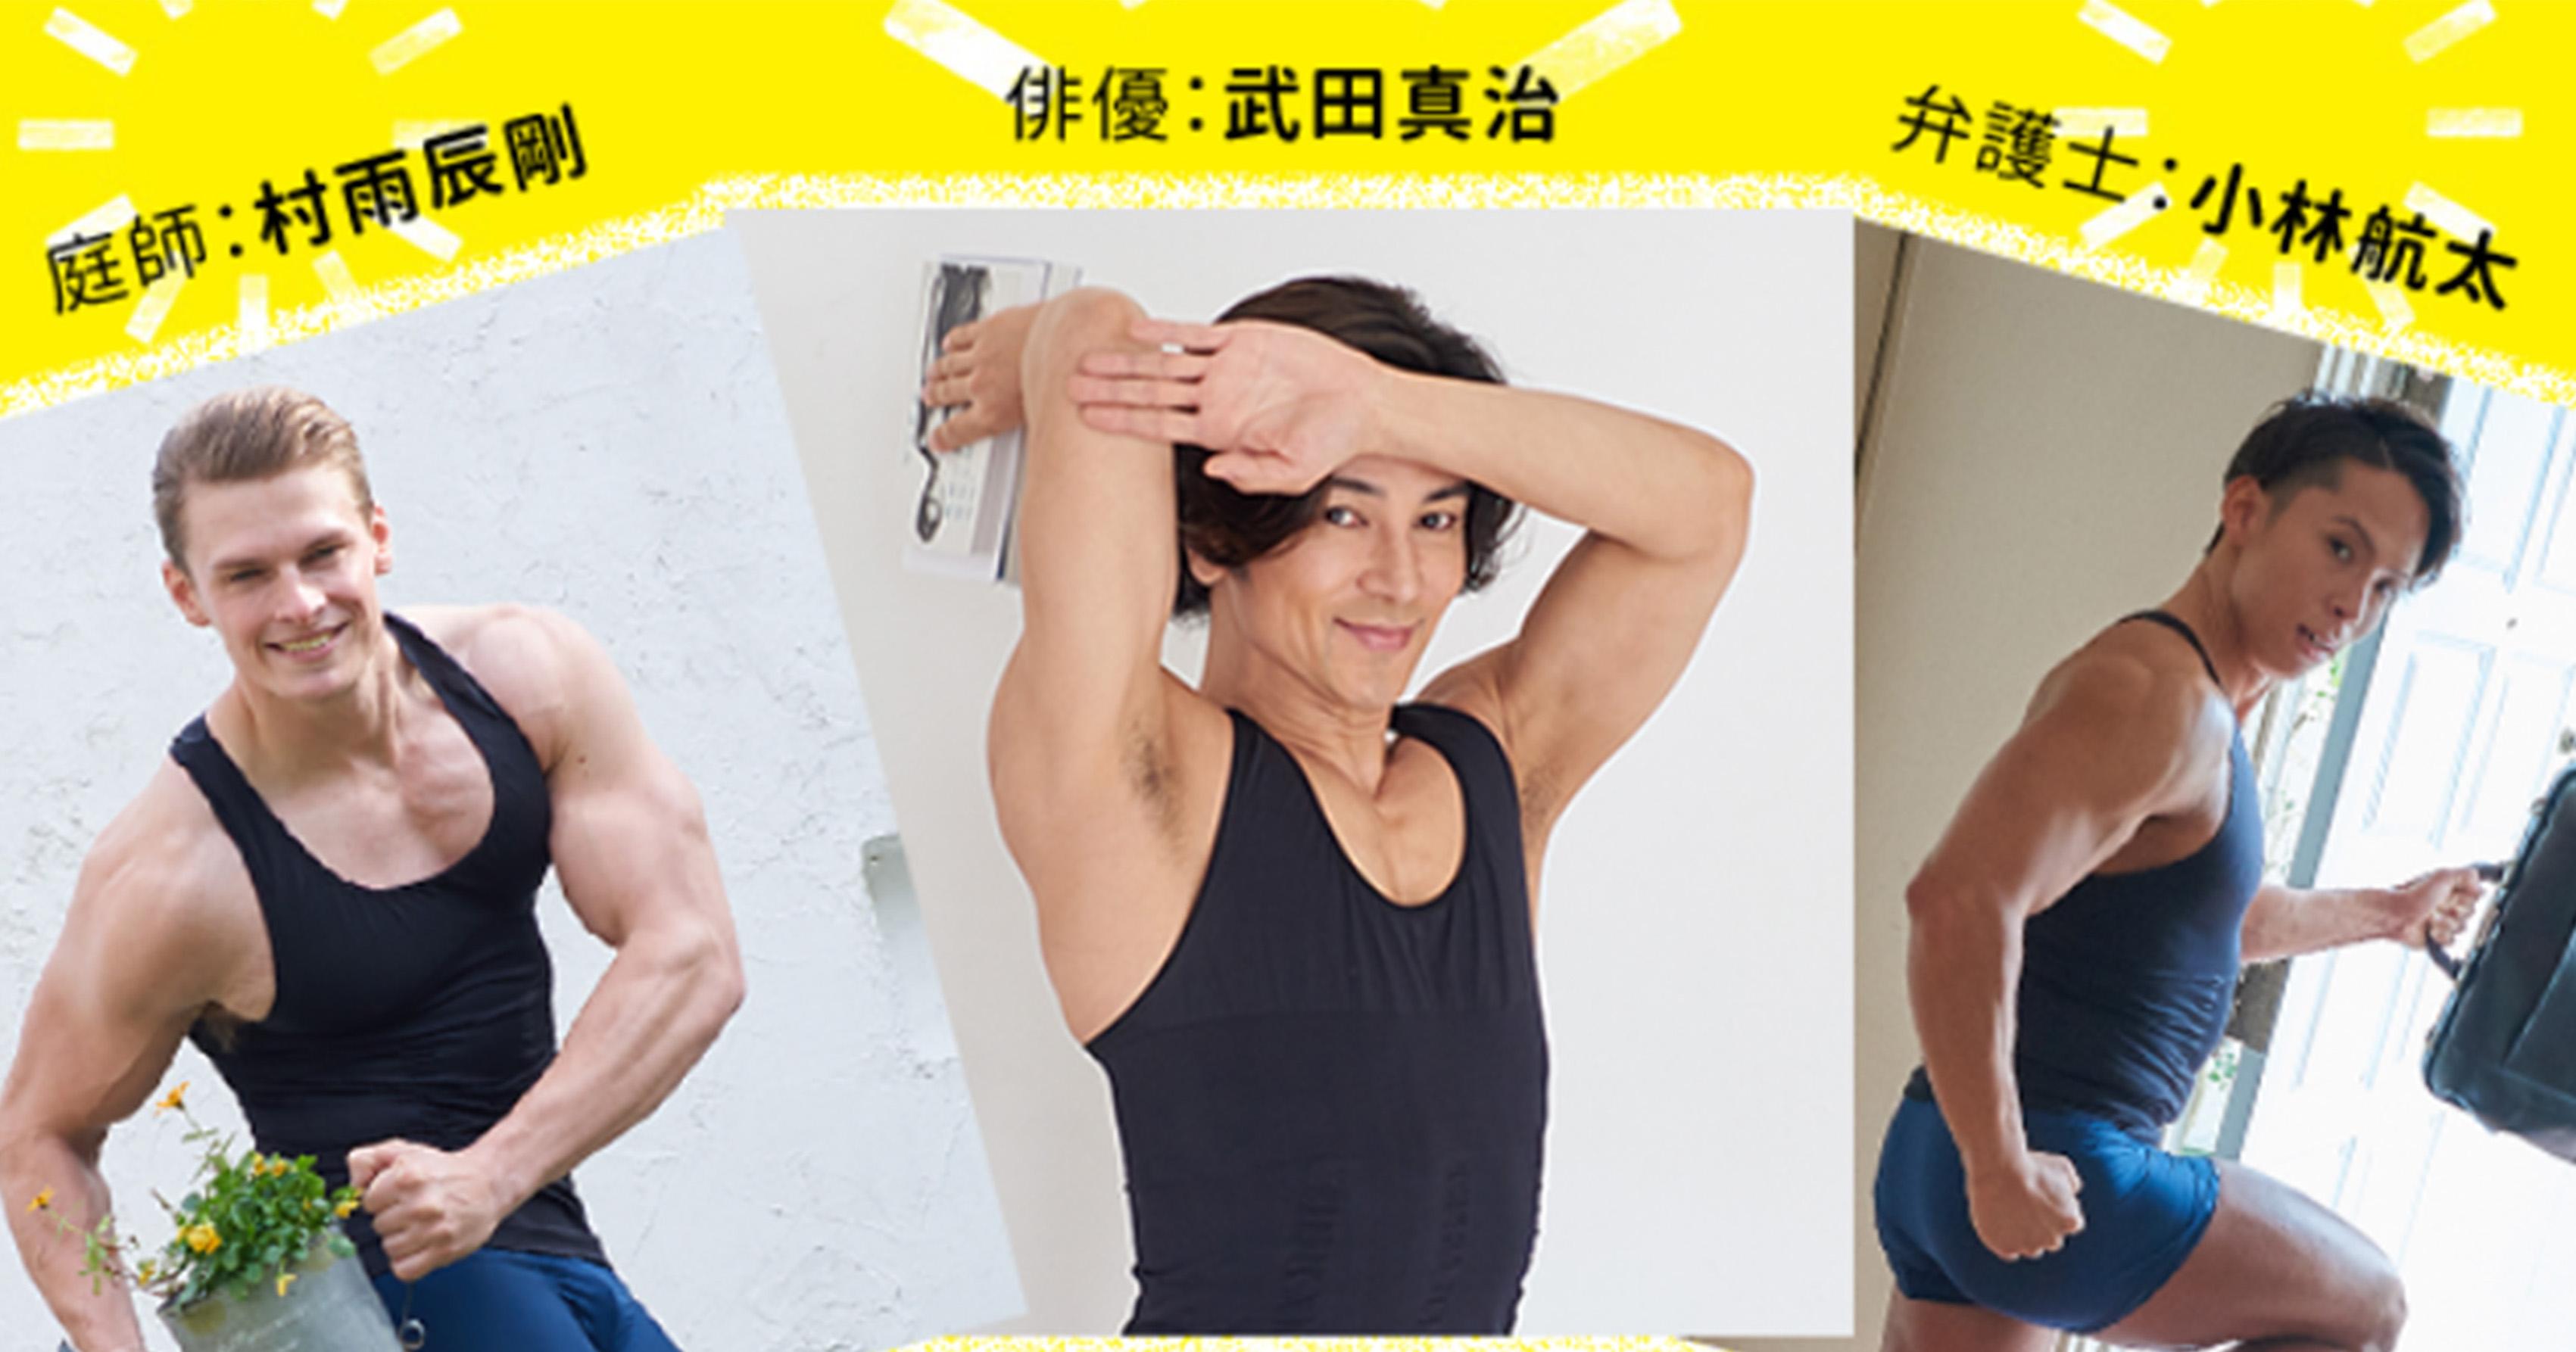 ネットで話題の「筋肉三人衆」が直伝!女性向けトレーニングのハードルが高すぎて笑う